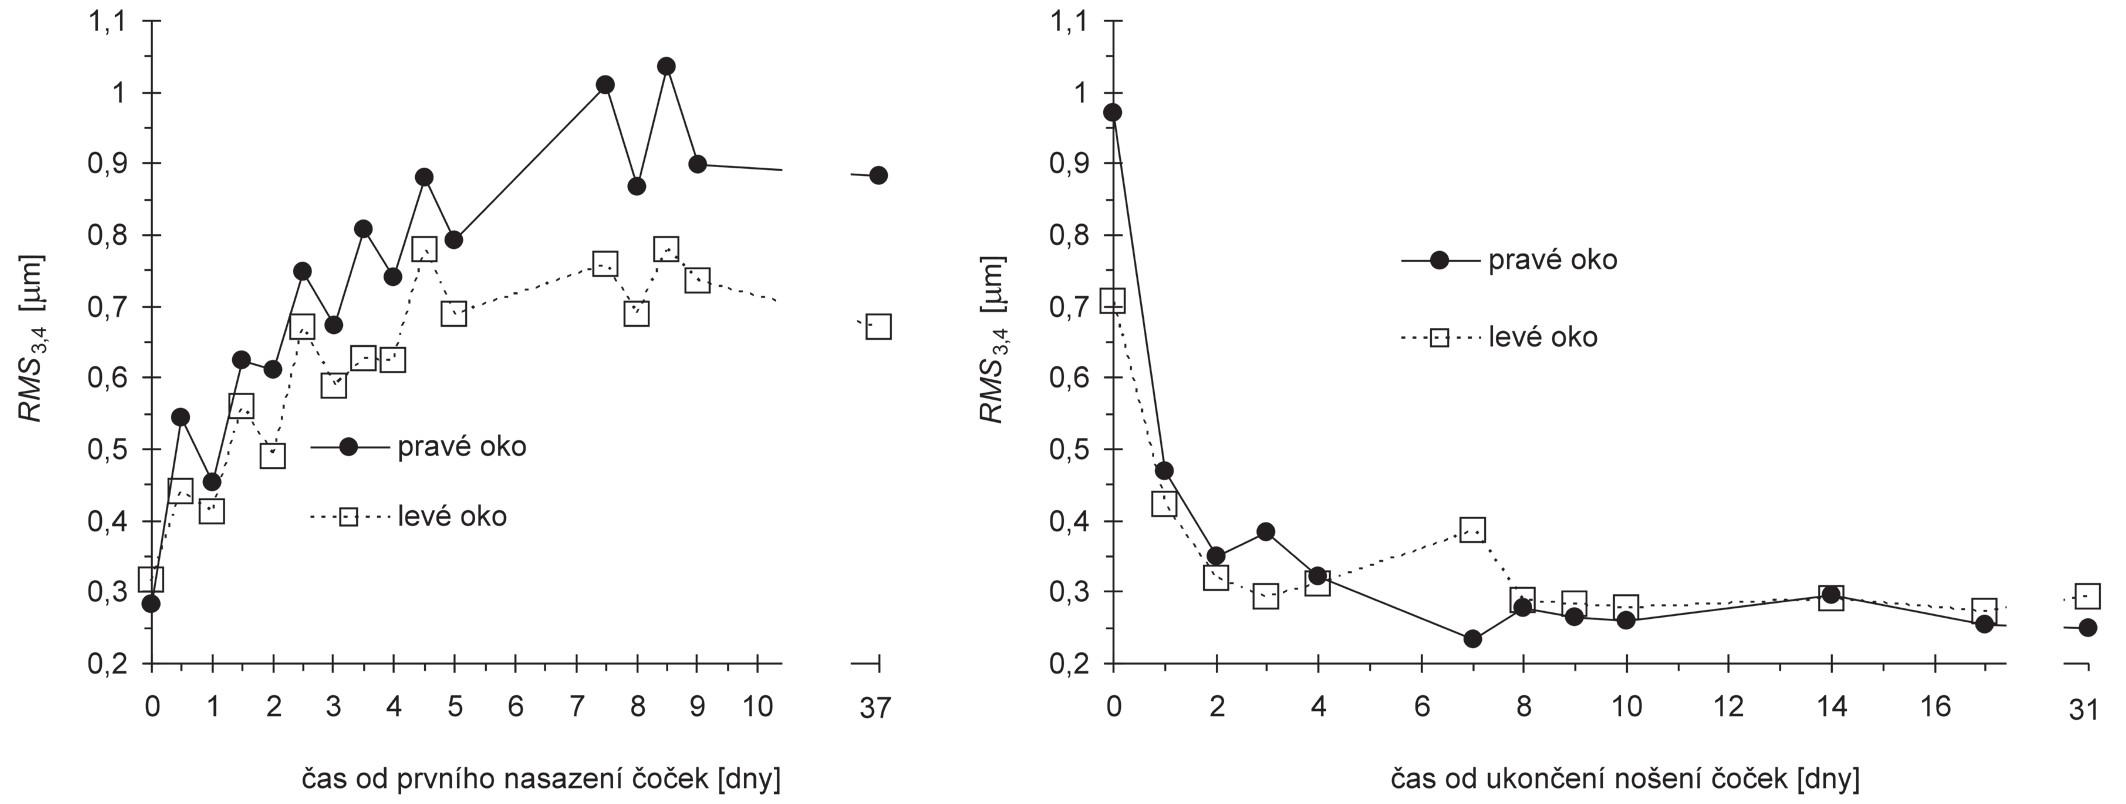 Závislost RMS rohovkových aberací 3. a 4. řádu na čase měřená od prvního nasazení čoček (vlevo) a od ukončení nošení čoček (vpravo)